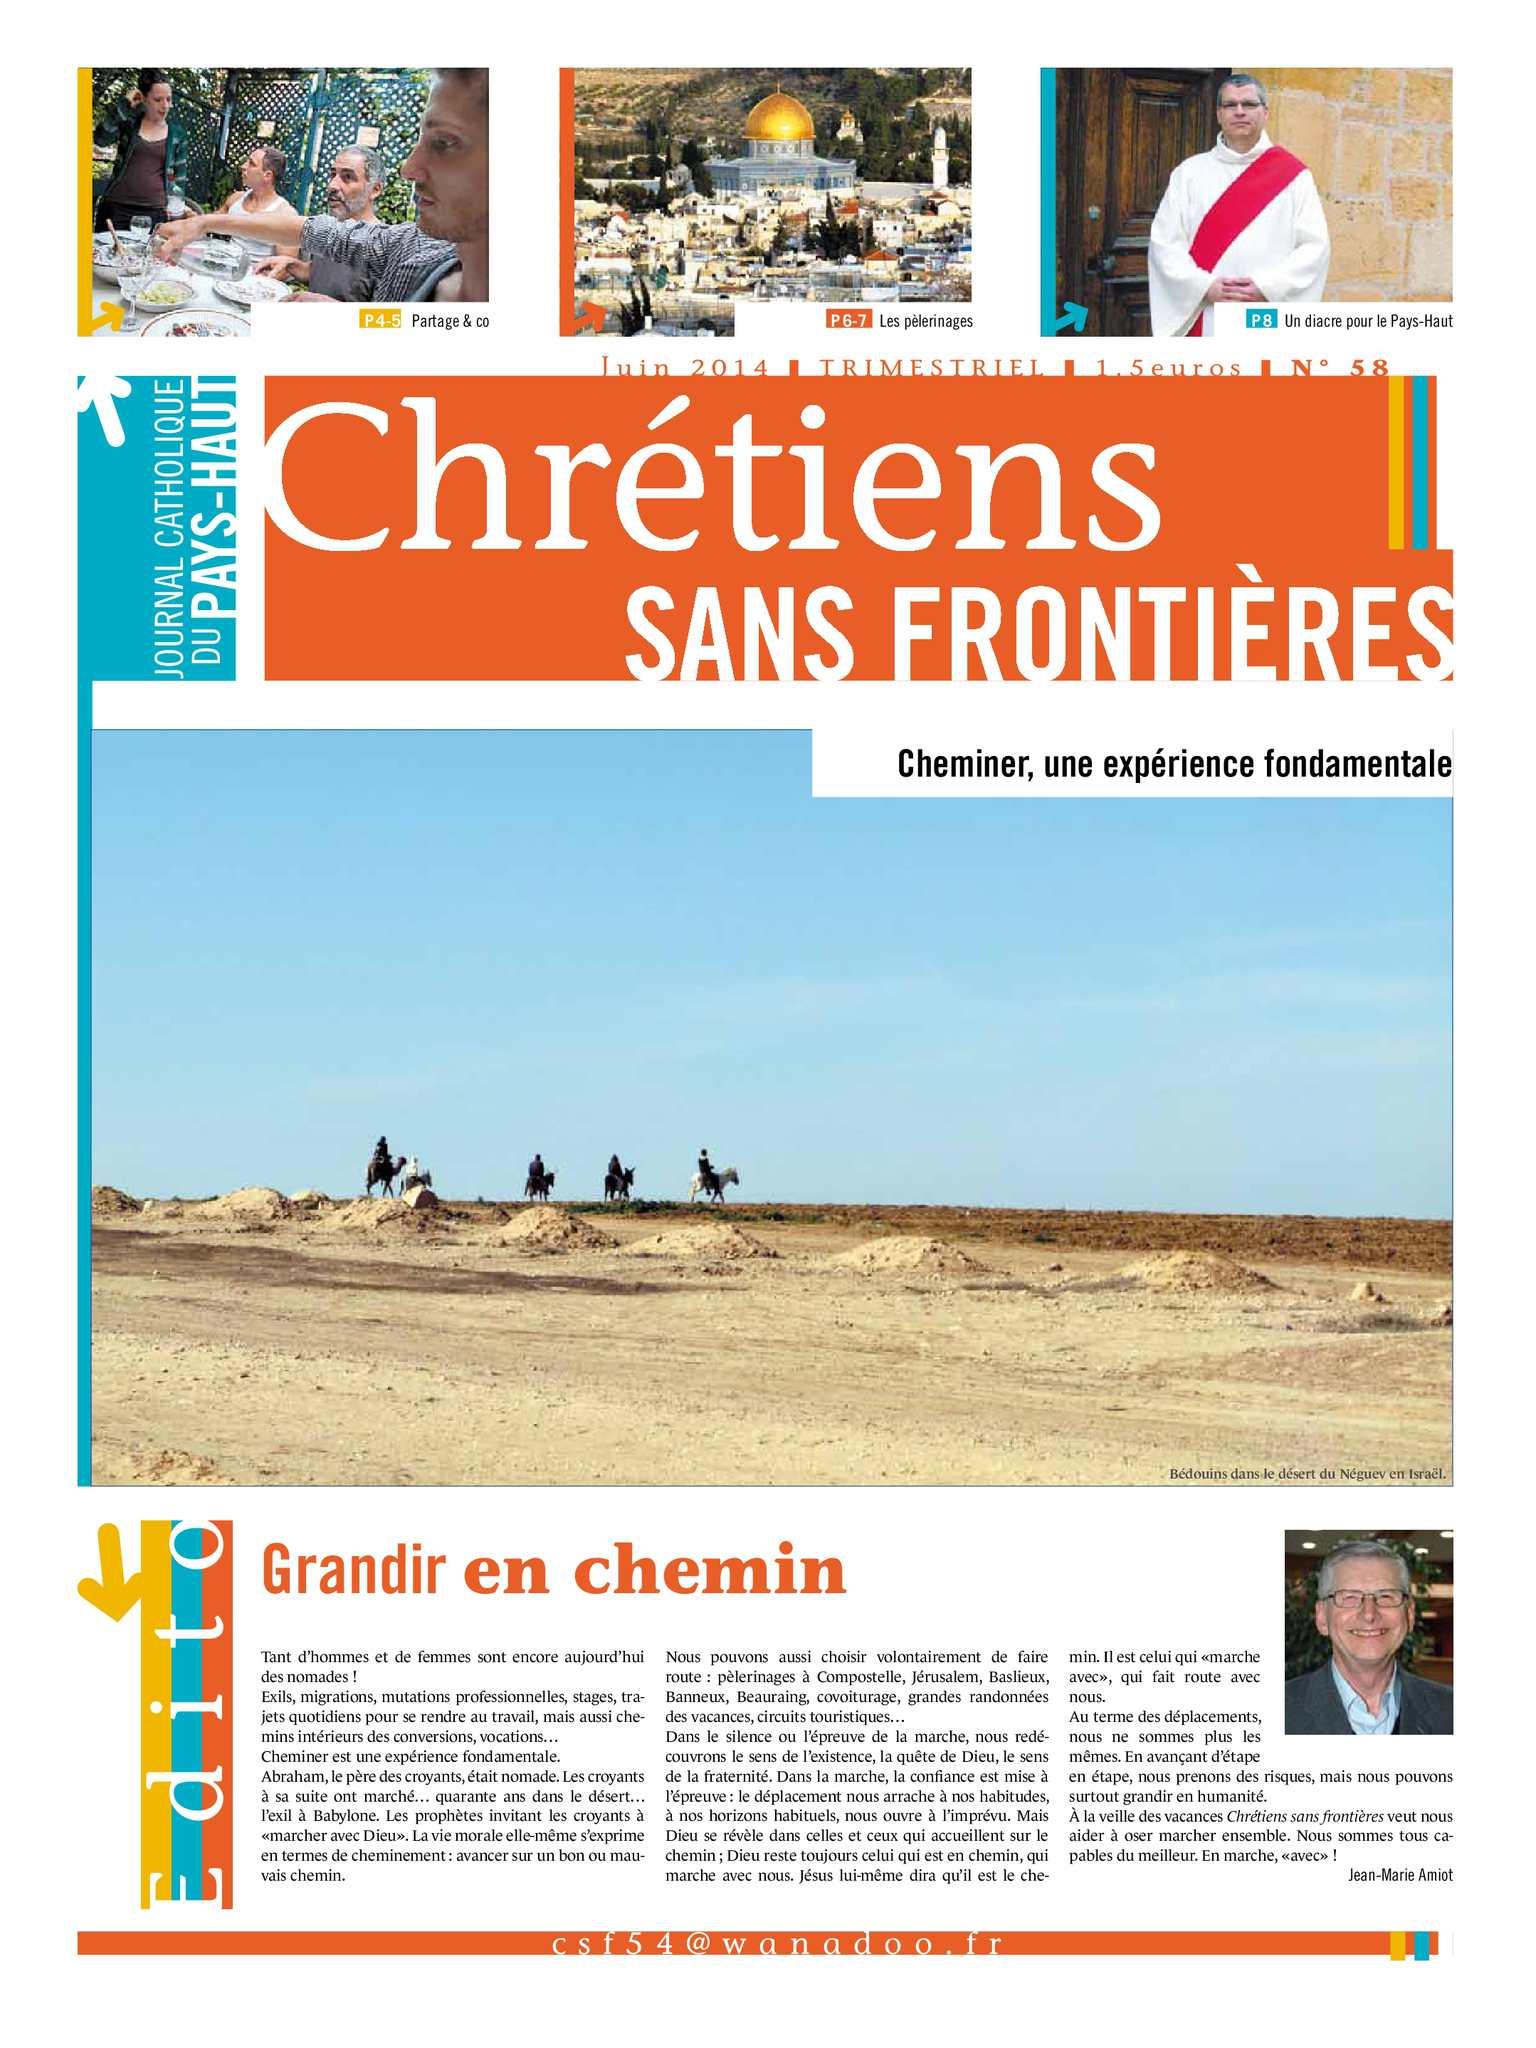 Chrétien datant frontières dans les relations